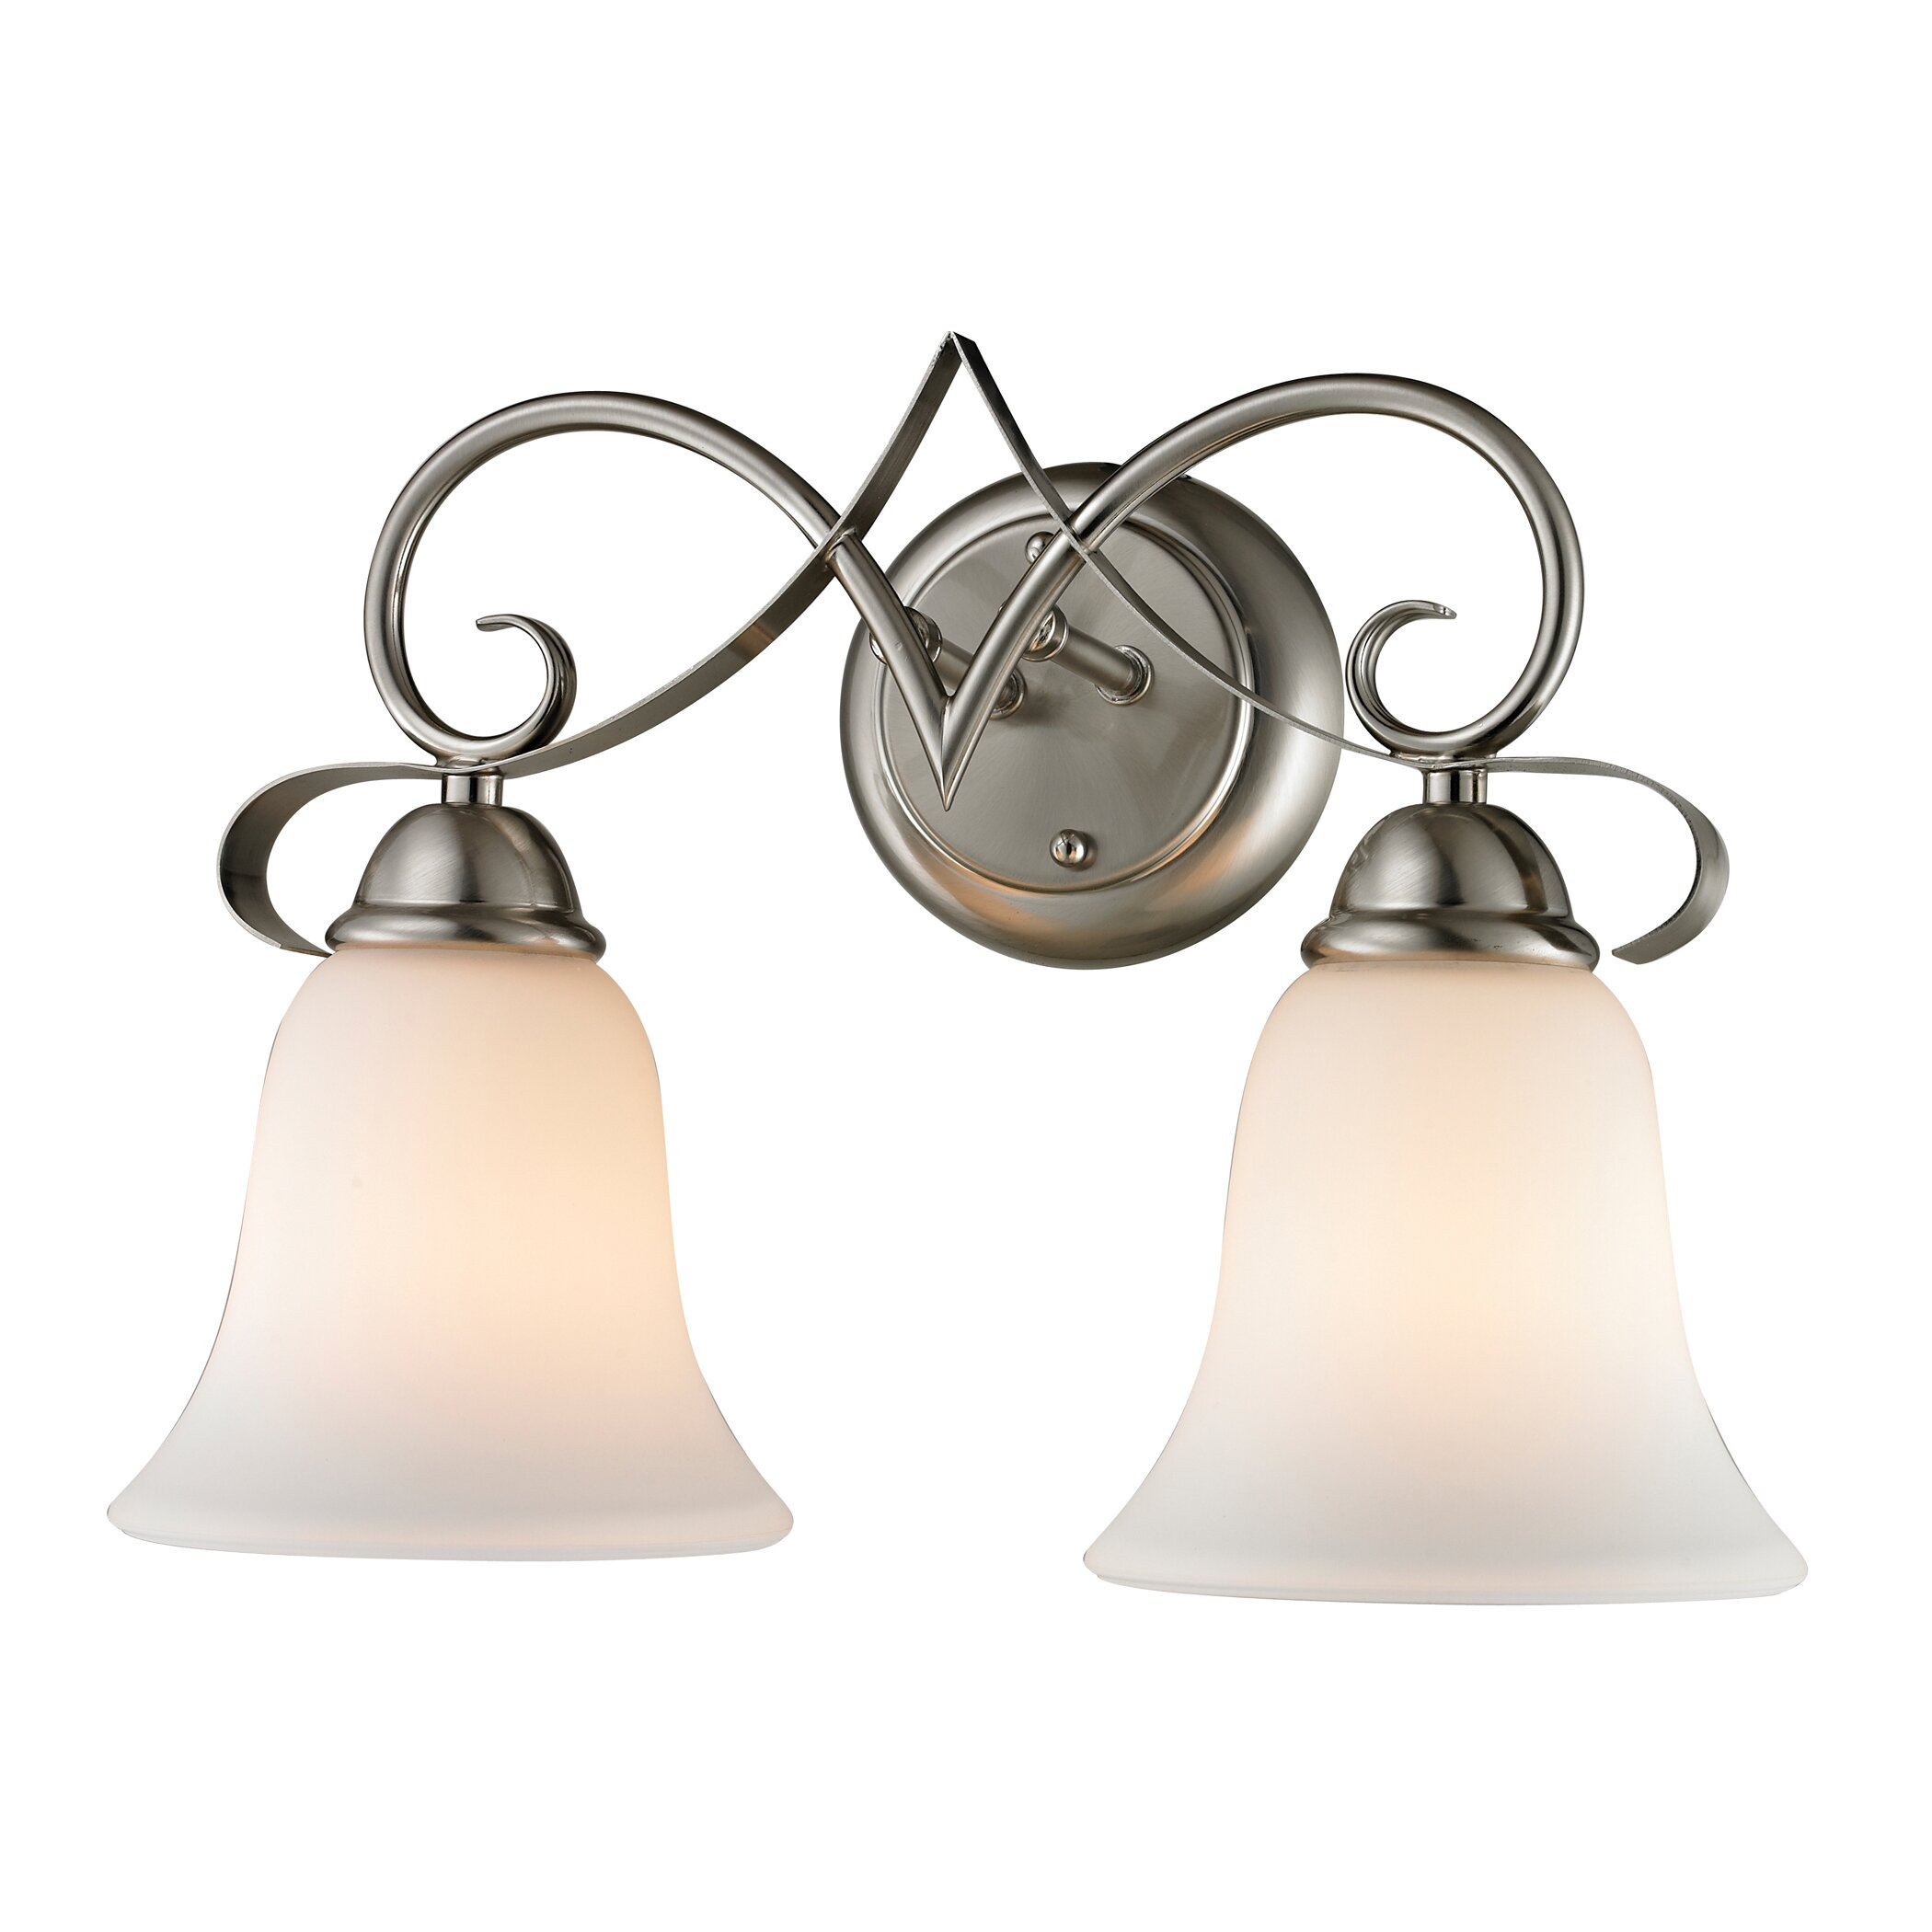 Cornerstone Lighting Brighton 2 Light Vanity Light Reviews Wayfair